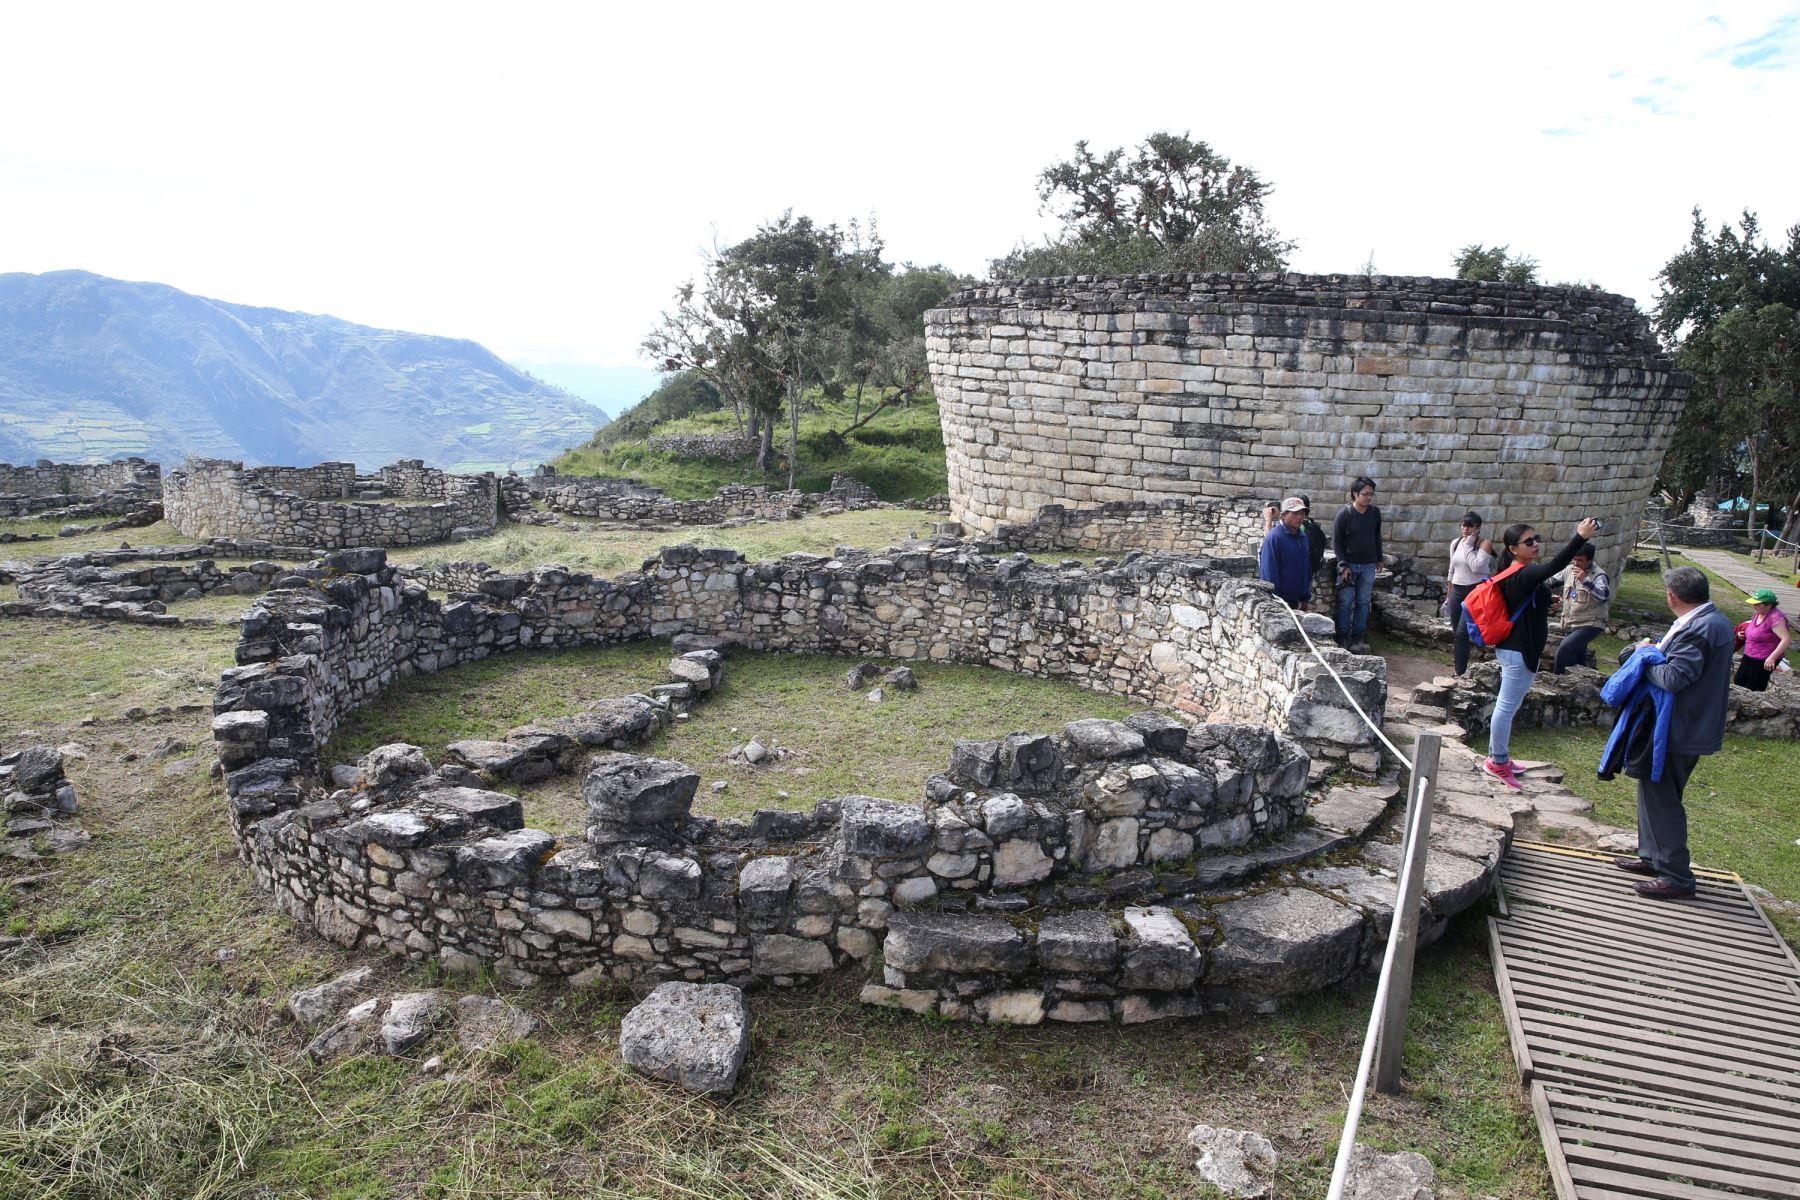 La ciudadela fortificada de Kuélap es actualmente el principal atractivo turístico de la región Amazonas y sigue cosechando reconocimientos a escala internacional. , ANDINA/Vidal Tarqui